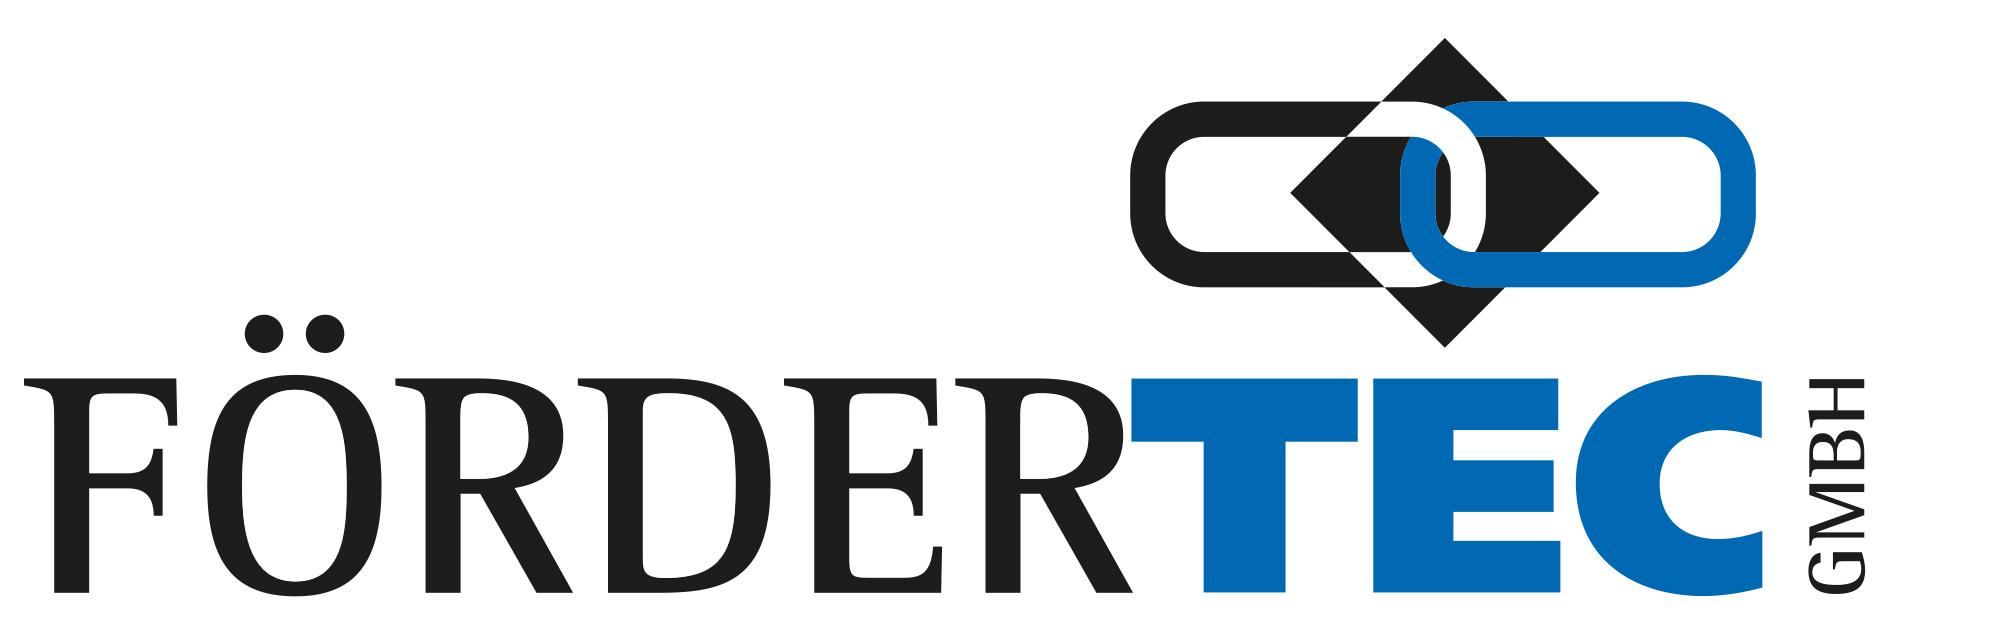 FörderTec GmbH